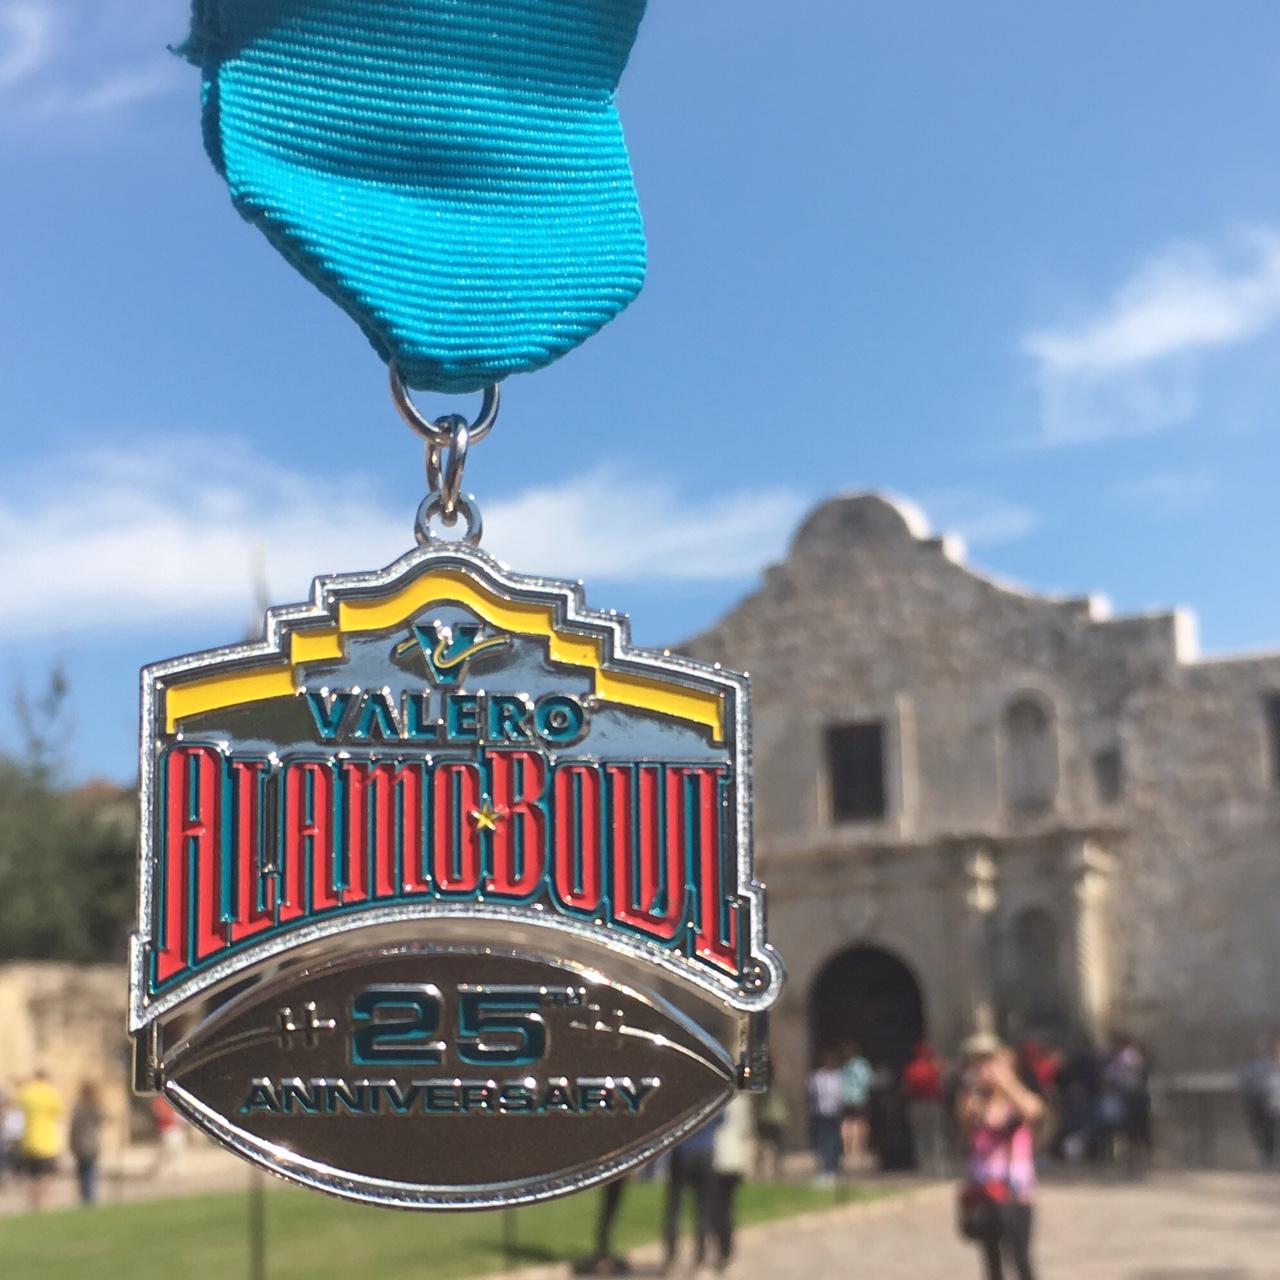 56a82805d3d0d3 2017 Valero Alamo Bowl Fiesta Medal - Valero Alamo Bowl